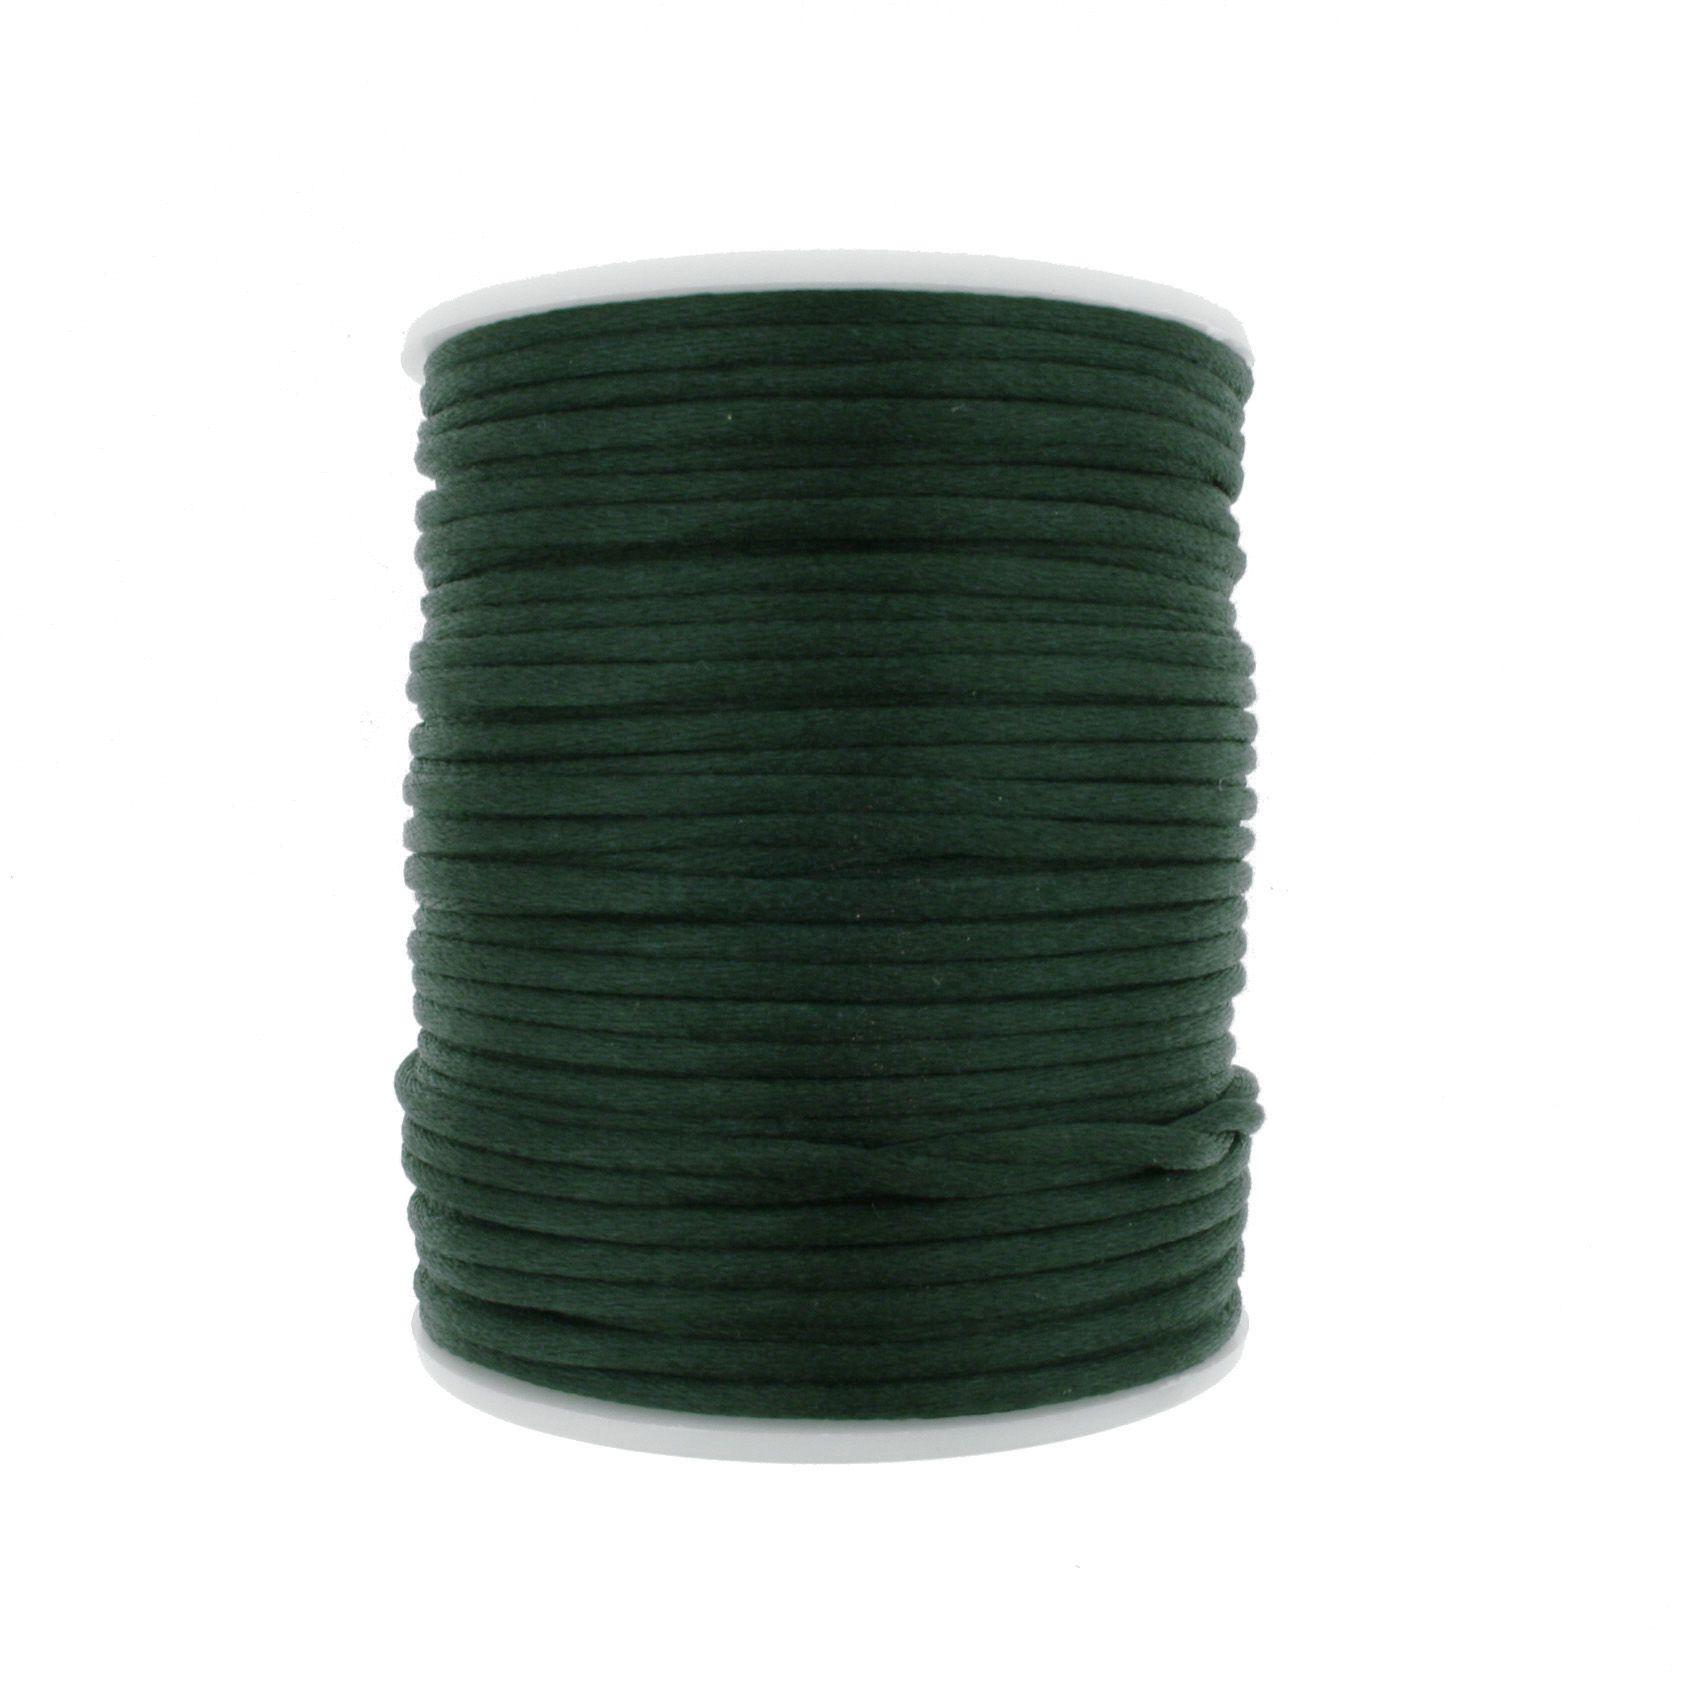 Cordão de Seda - Verde Escuro - 2mm  - Stéphanie Bijoux® - Peças para Bijuterias e Artesanato